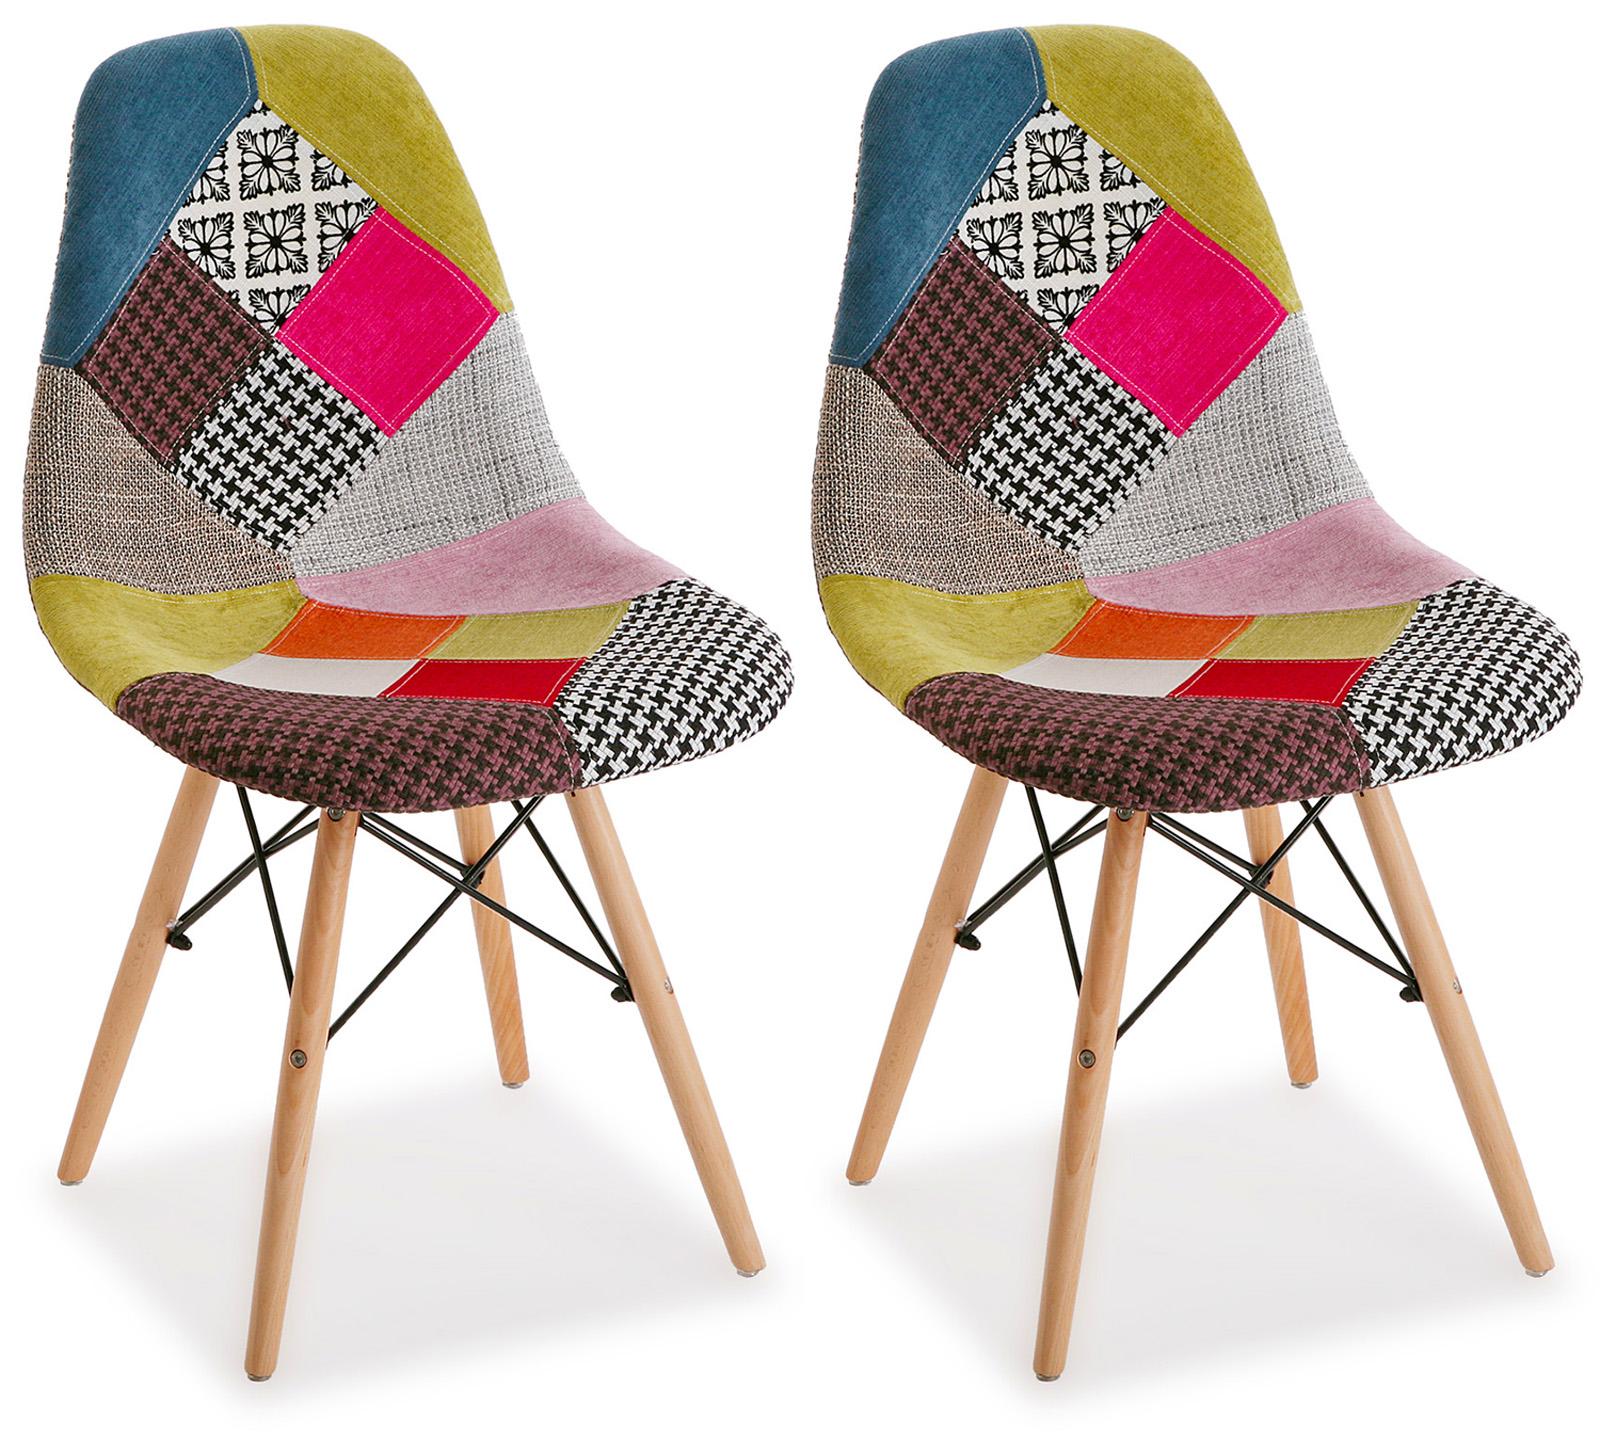 chaise scandinave patchwork mix tissus 1 lot de 2